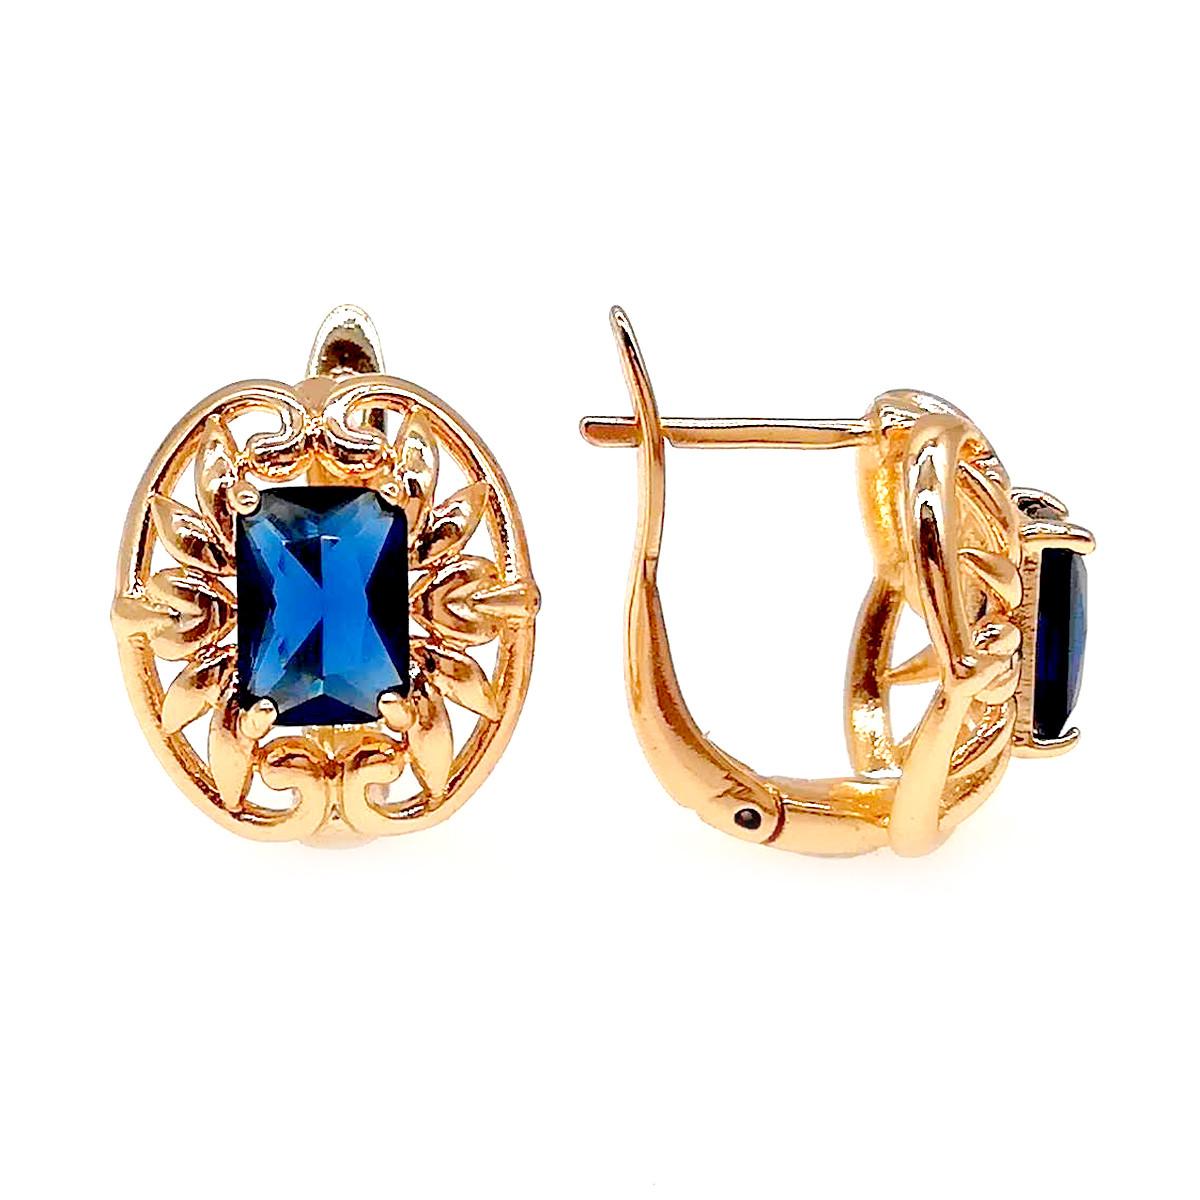 Серьги Xuping из медицинского золота, синие фианиты, позолота 18К, 23834       (1)